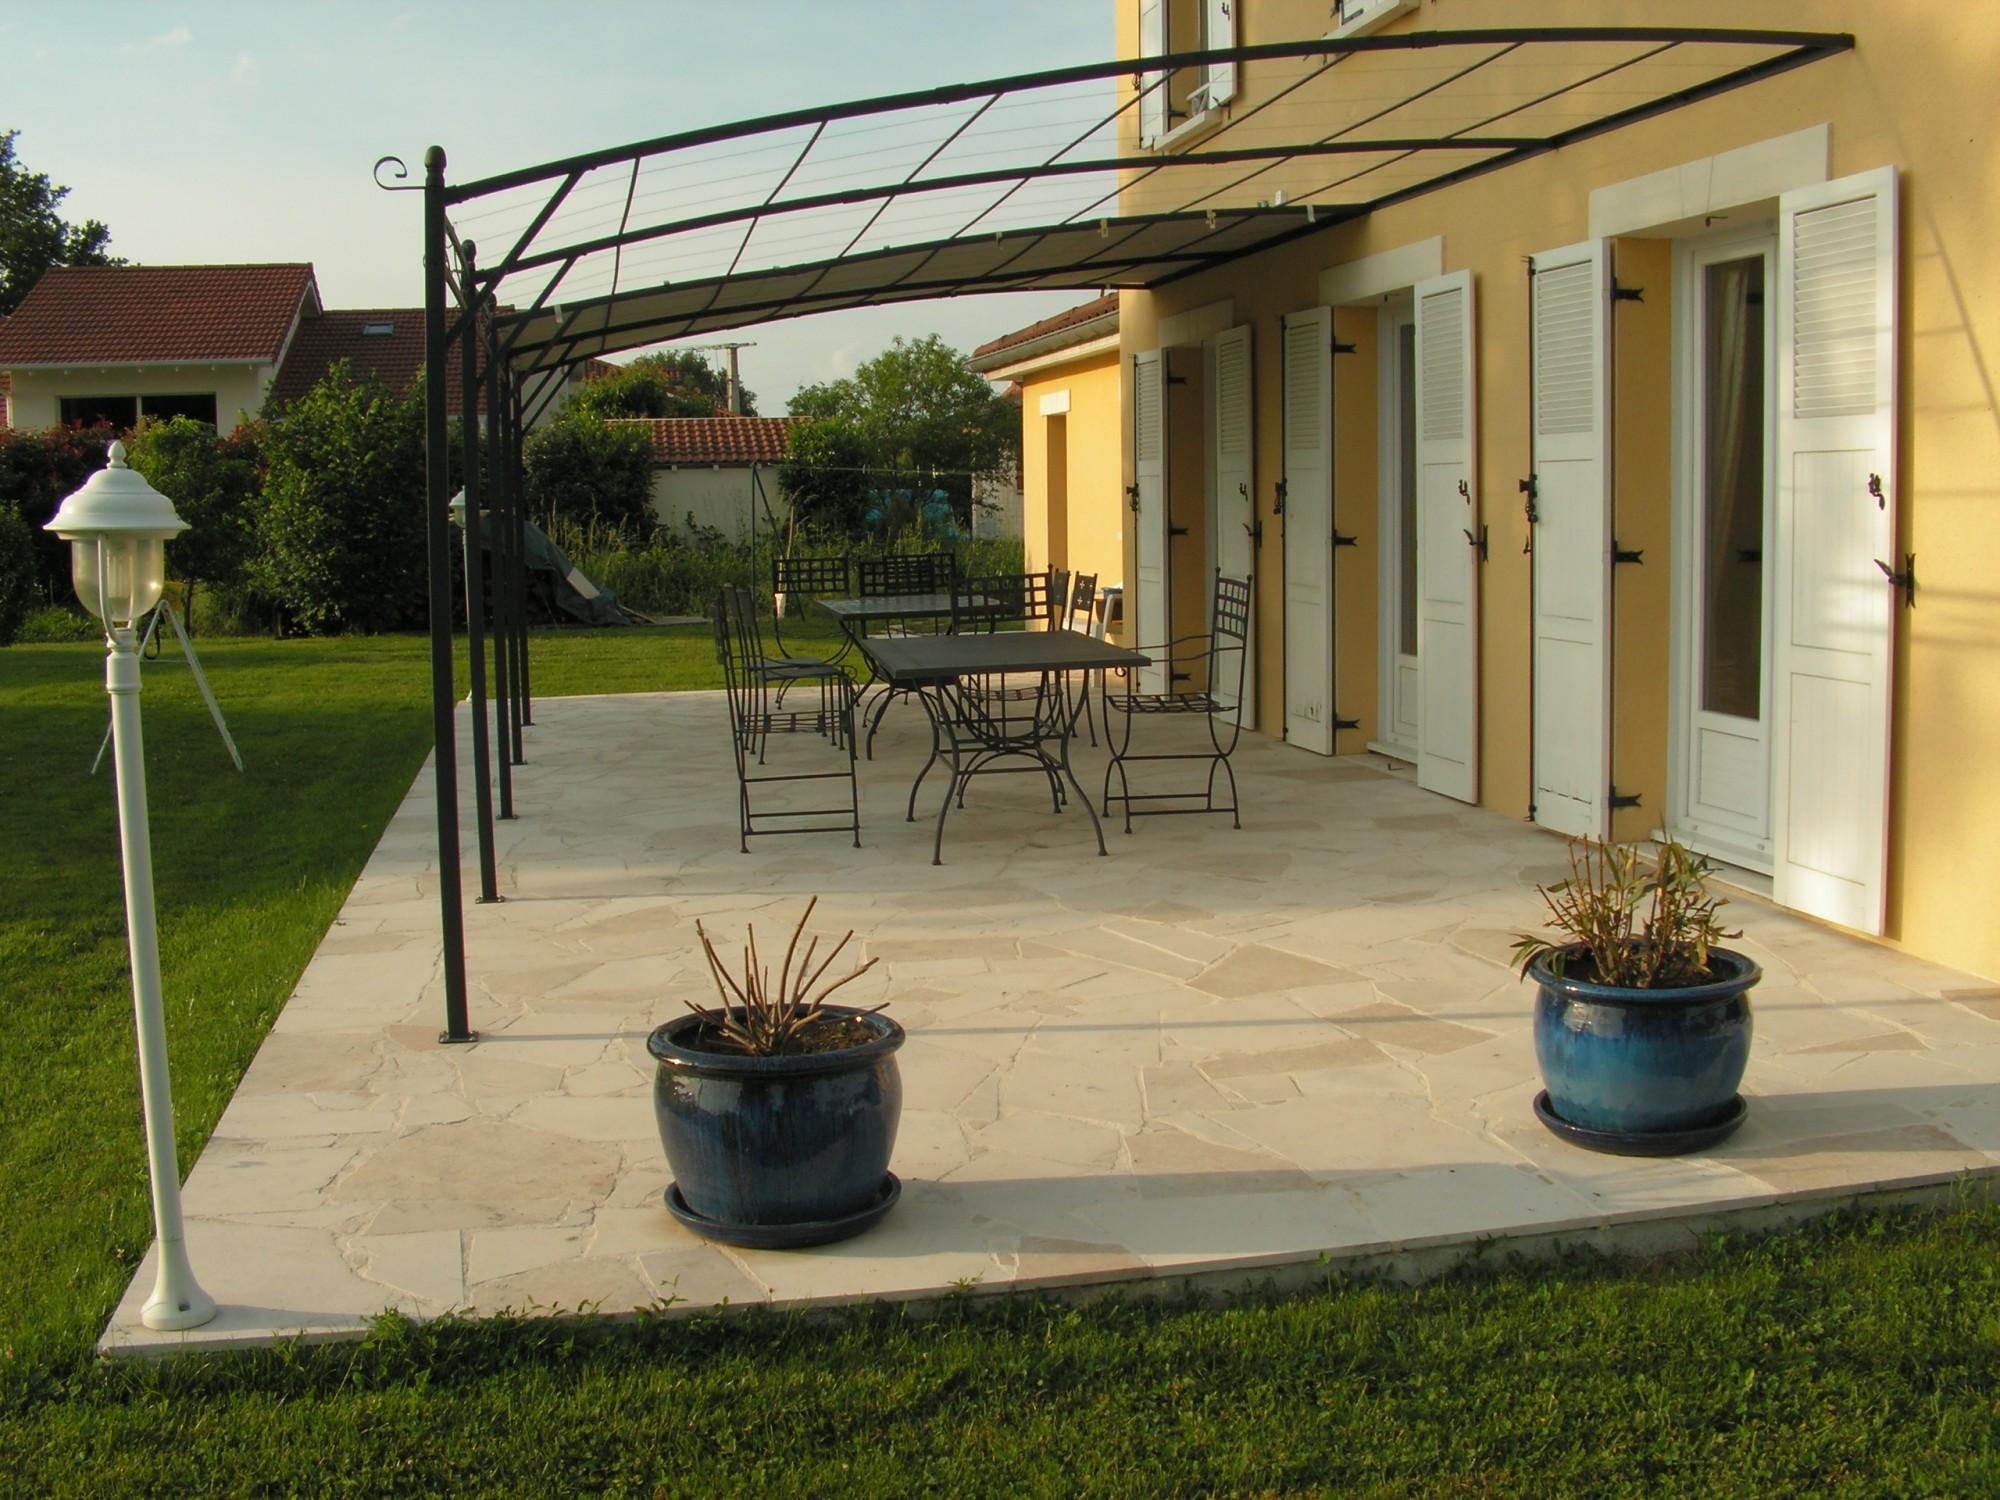 Pierre pour terrasse ext rieure plage de piscine - Pierre de bourgogne terrasse ...